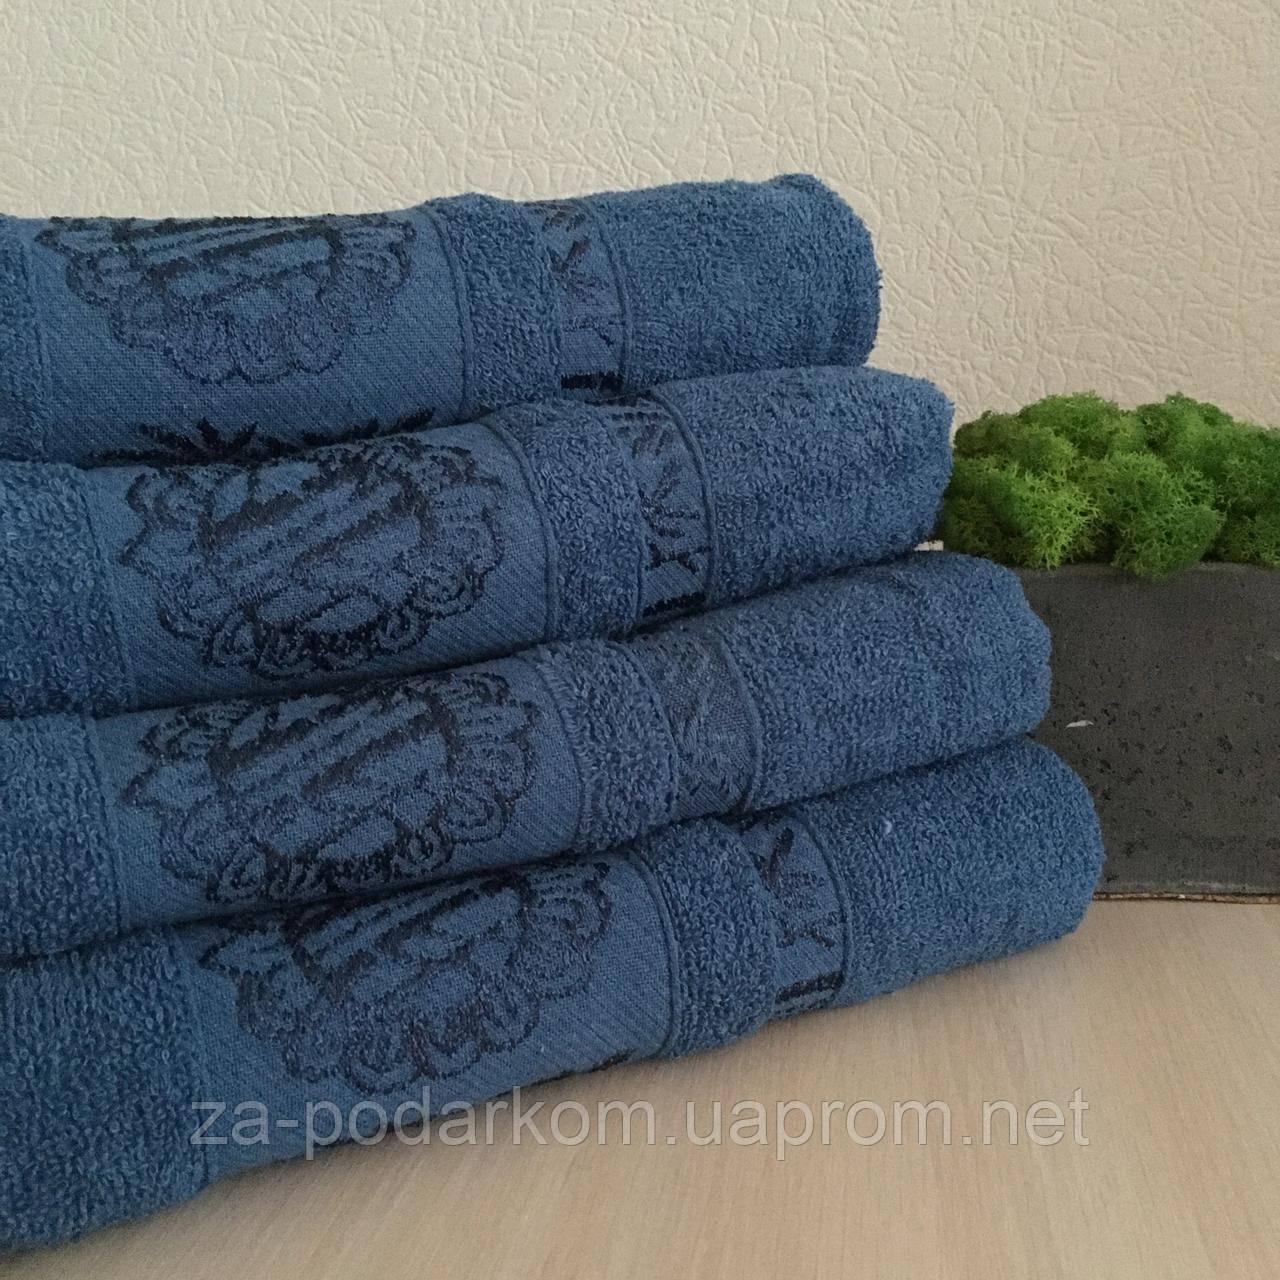 Полотенце банное Бамбук 140x70cm (300г/м2) синее